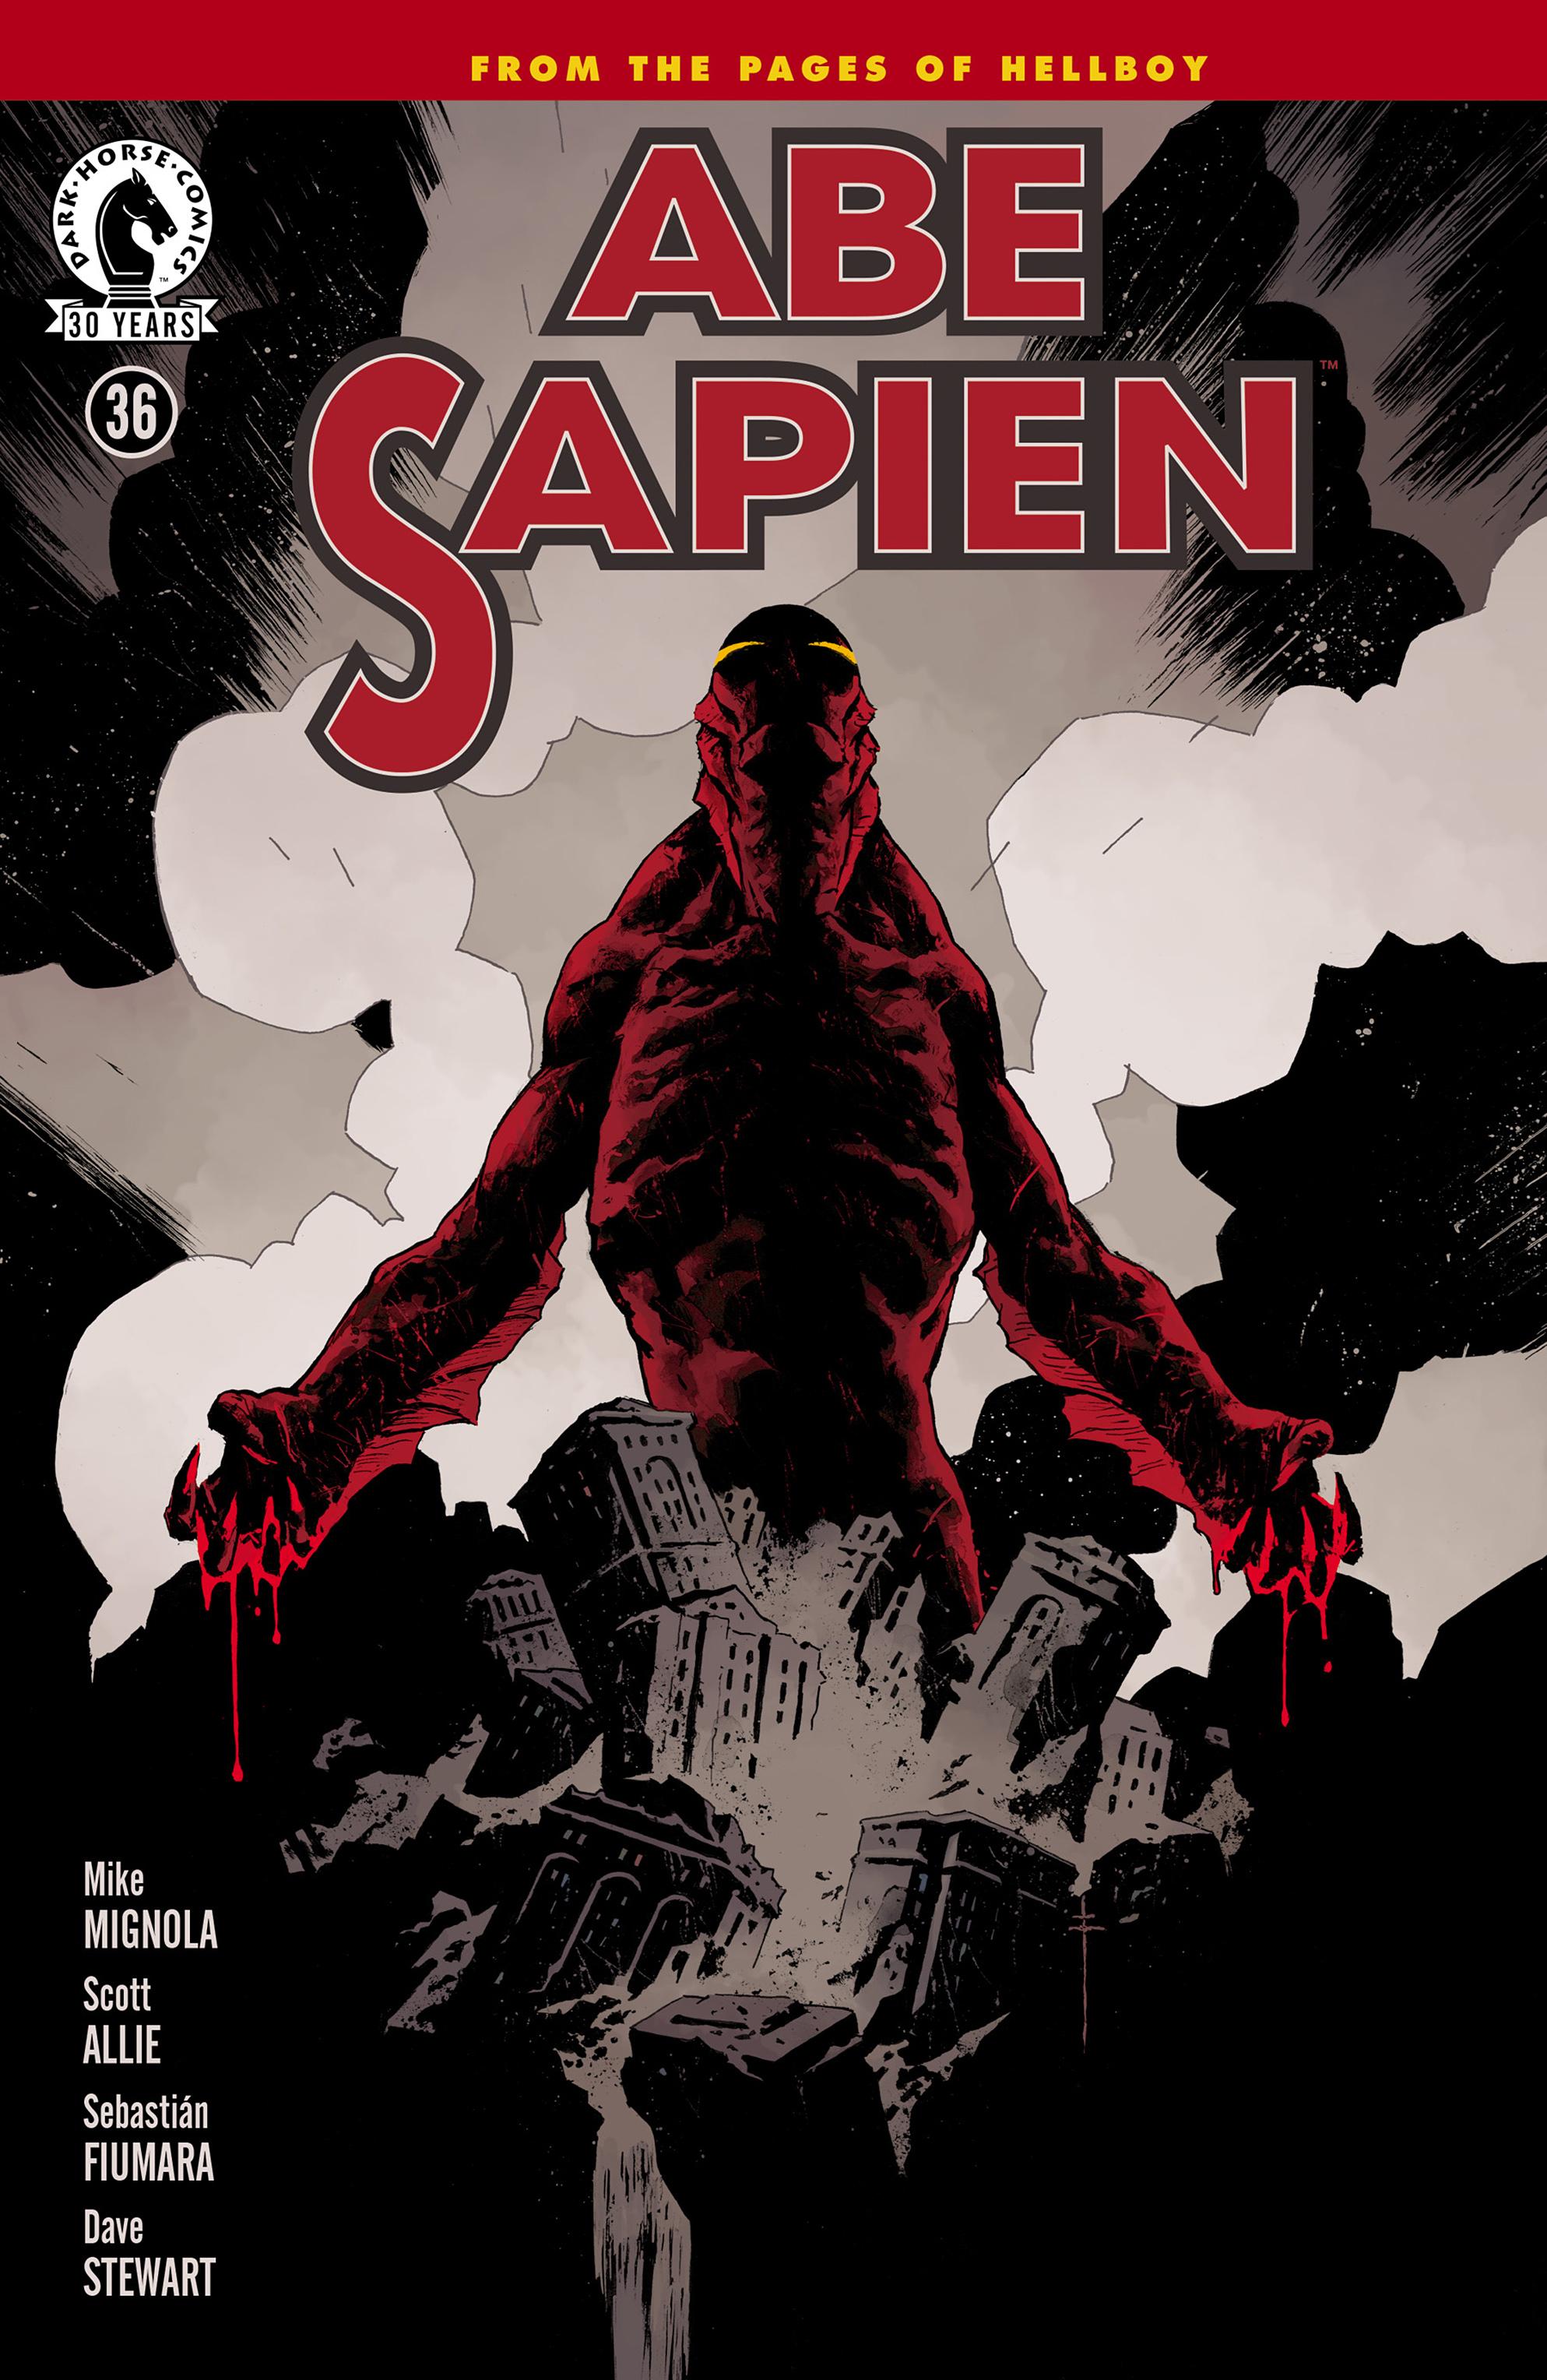 Read online Abe Sapien comic -  Issue #36 - 1